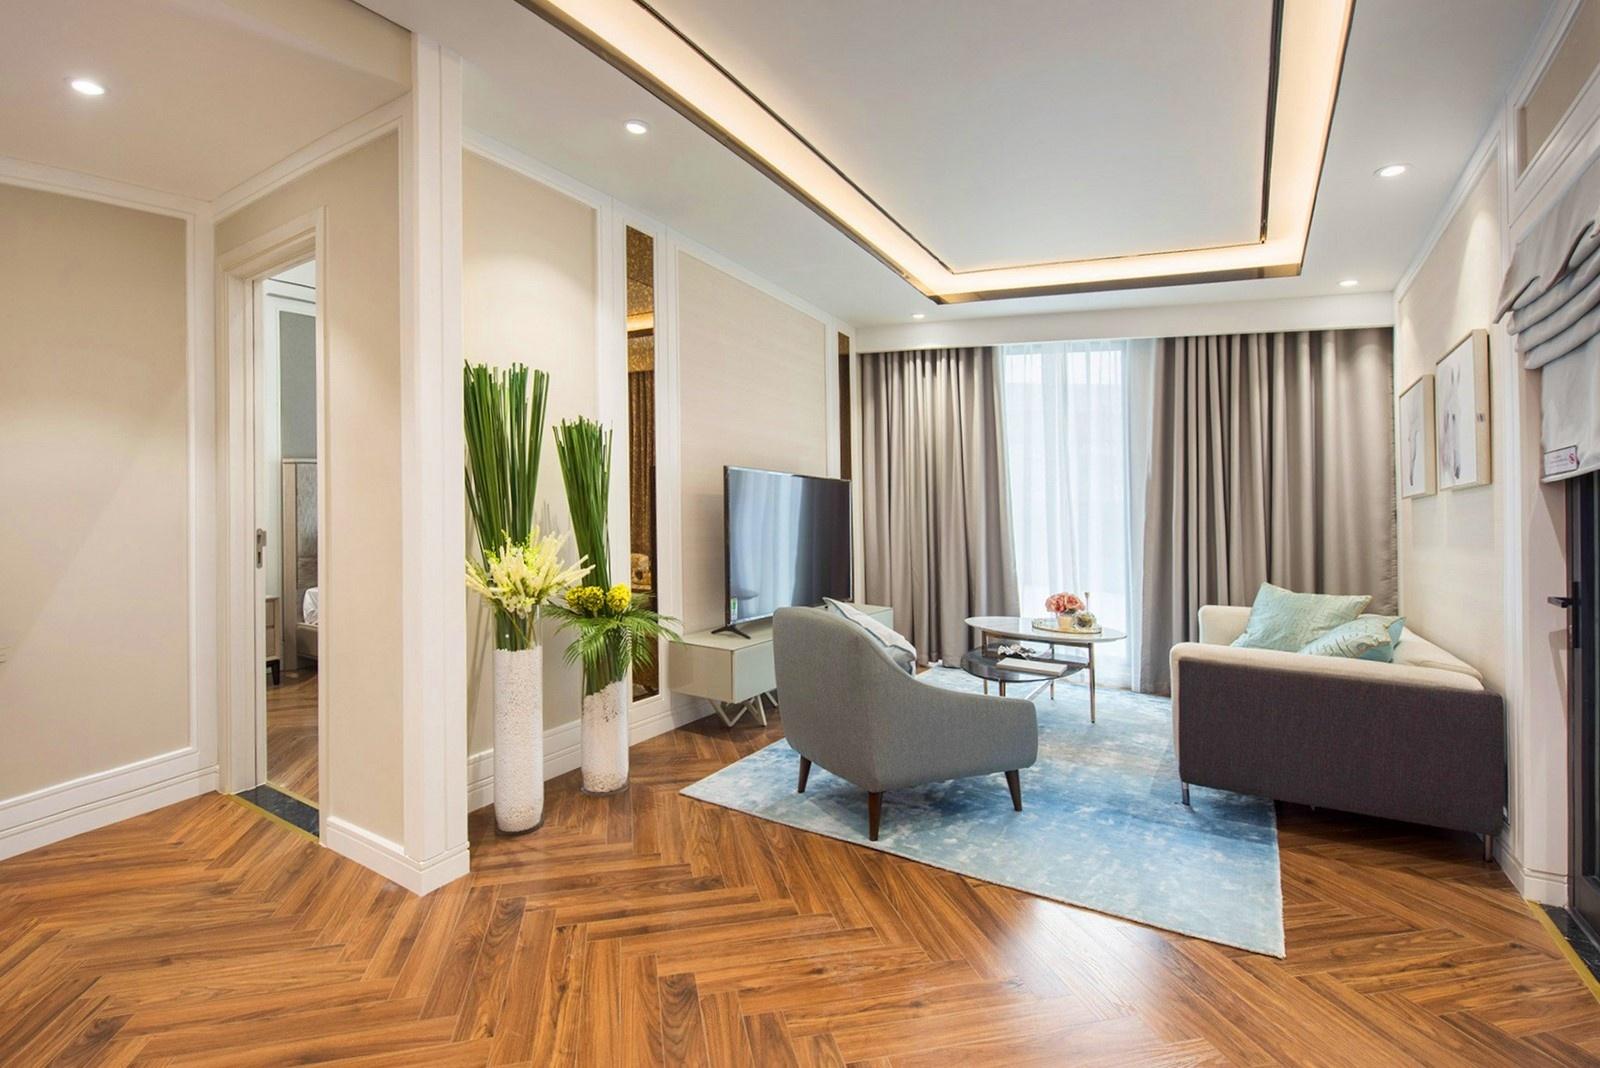 King Palace chính thức giới thiệu 'Bộ sưu tập căn hộ hoàng đế'